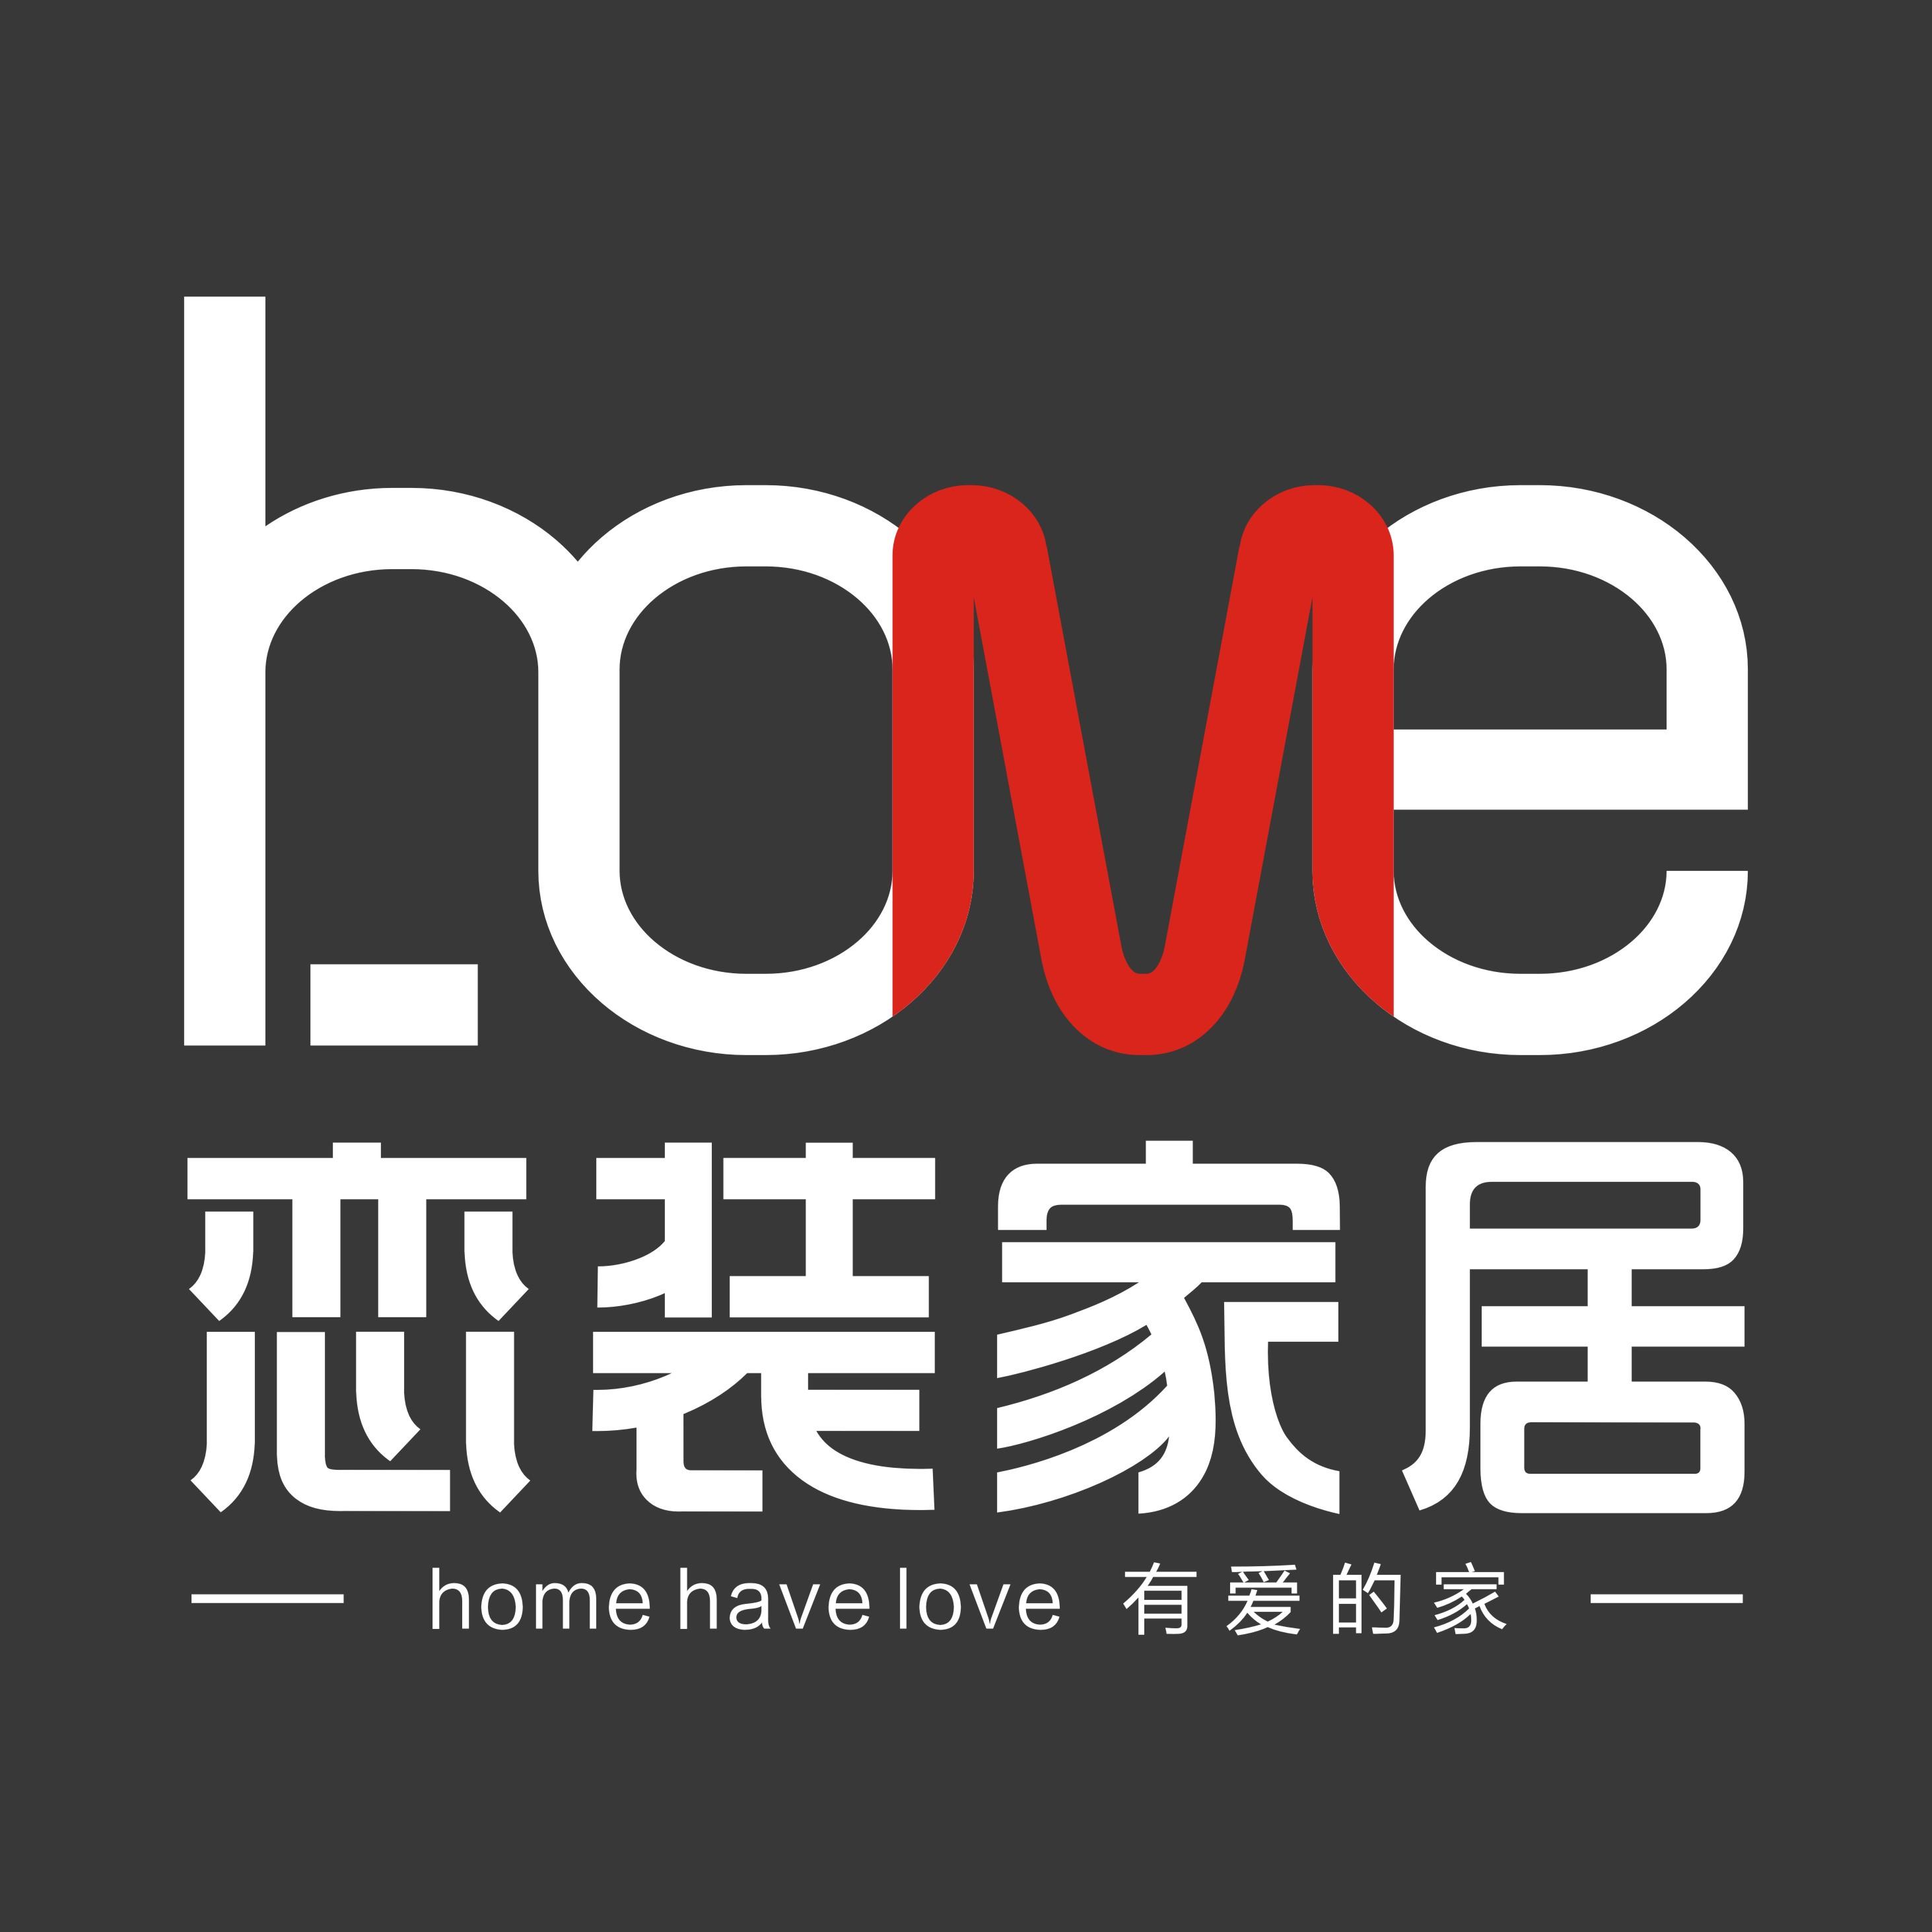 logo logo 标志 设计 矢量 矢量图 素材 图标 2926_2926